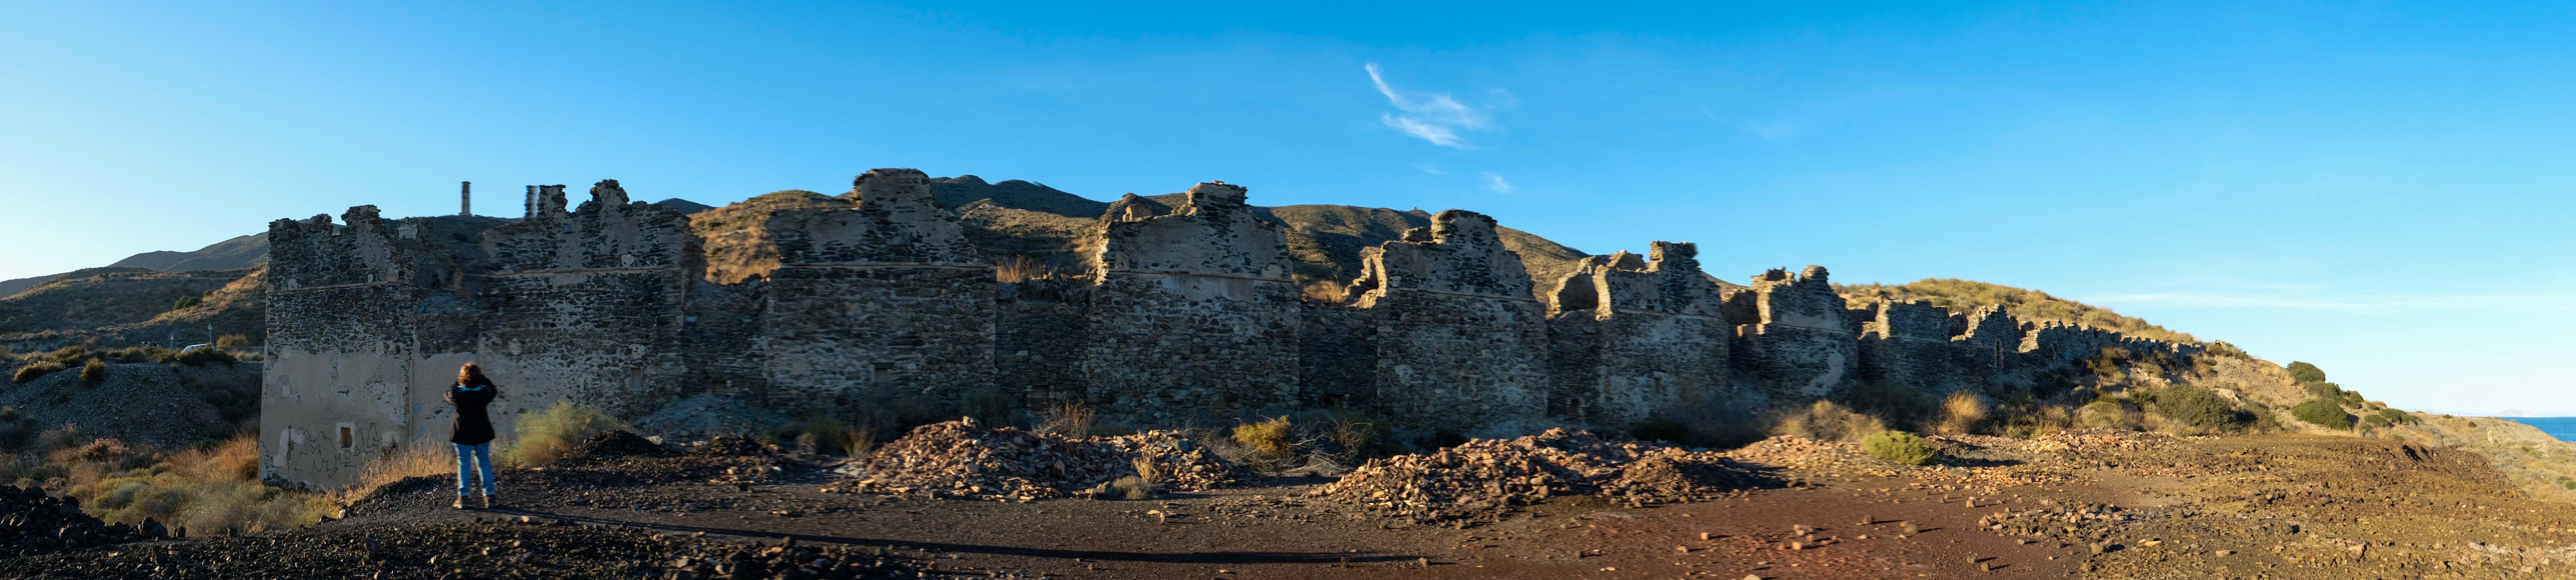 Antigua fundición de plomo y escombreras de hierro, cerca de Villaricos © Fotografía: Paco Bonilla